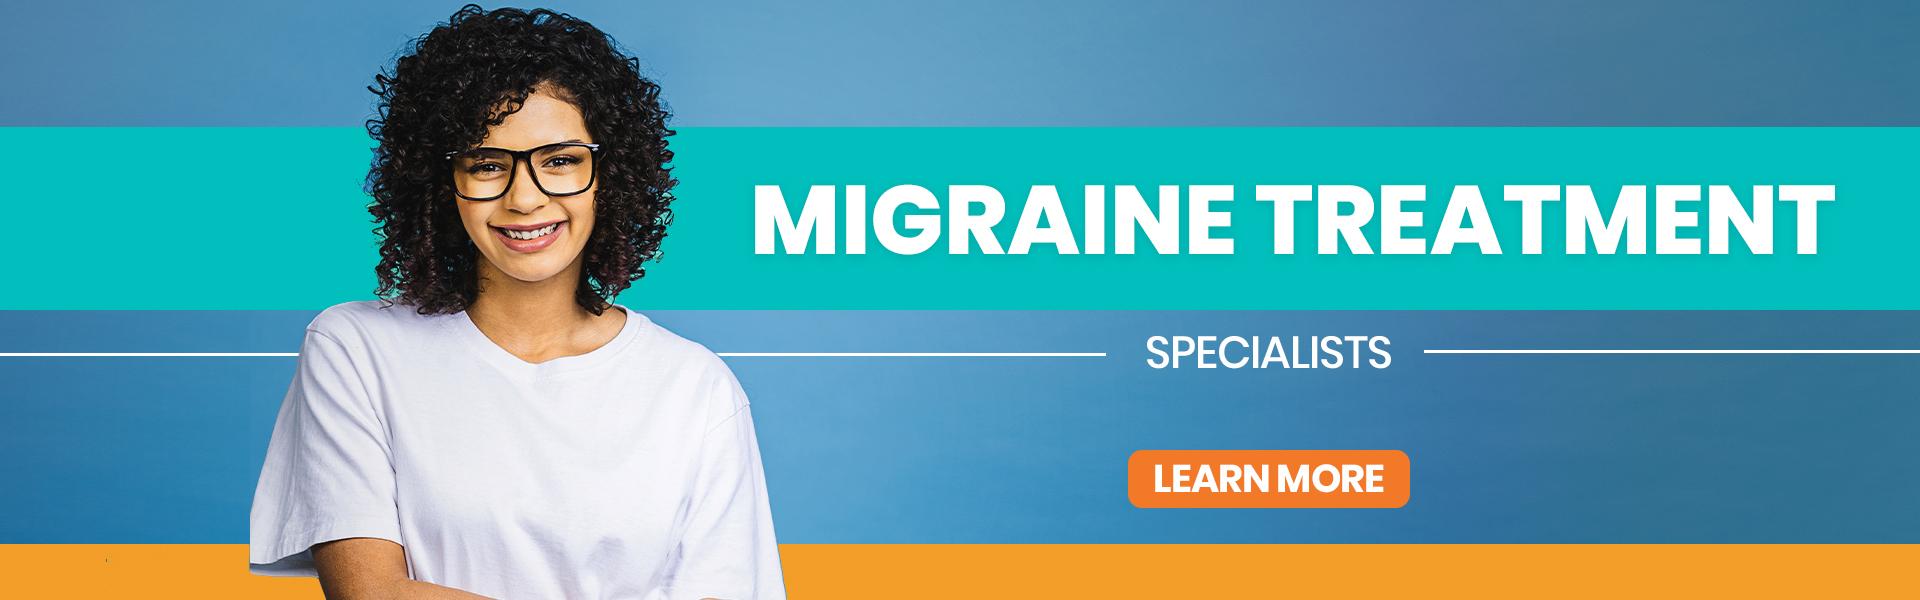 Migraine Treatment